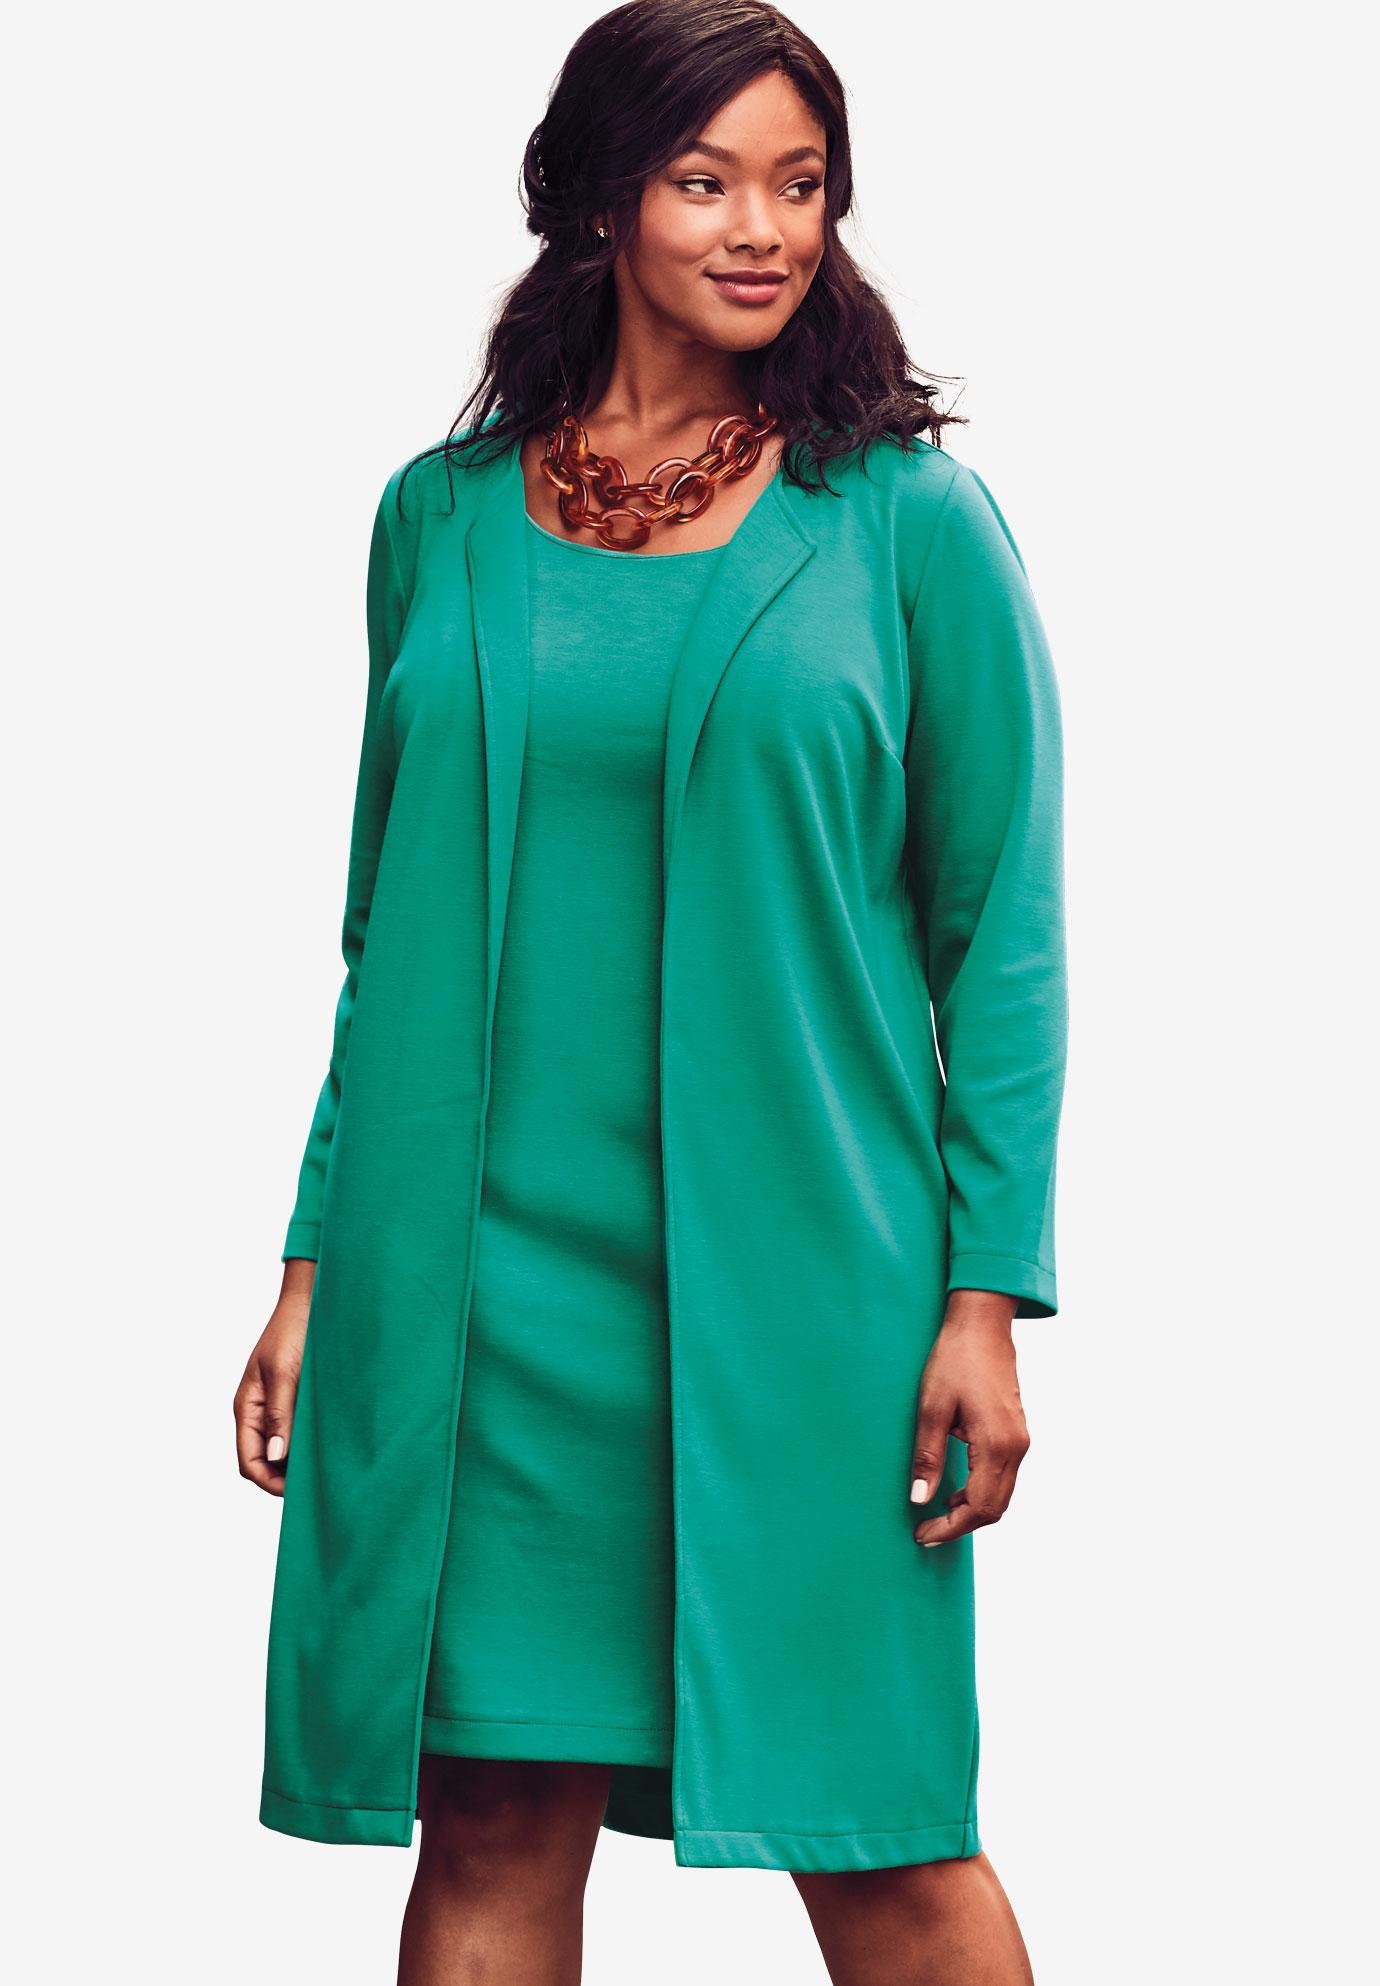 b1204d74d49 2-Piece Pont eacute  Knit Jacket Dress